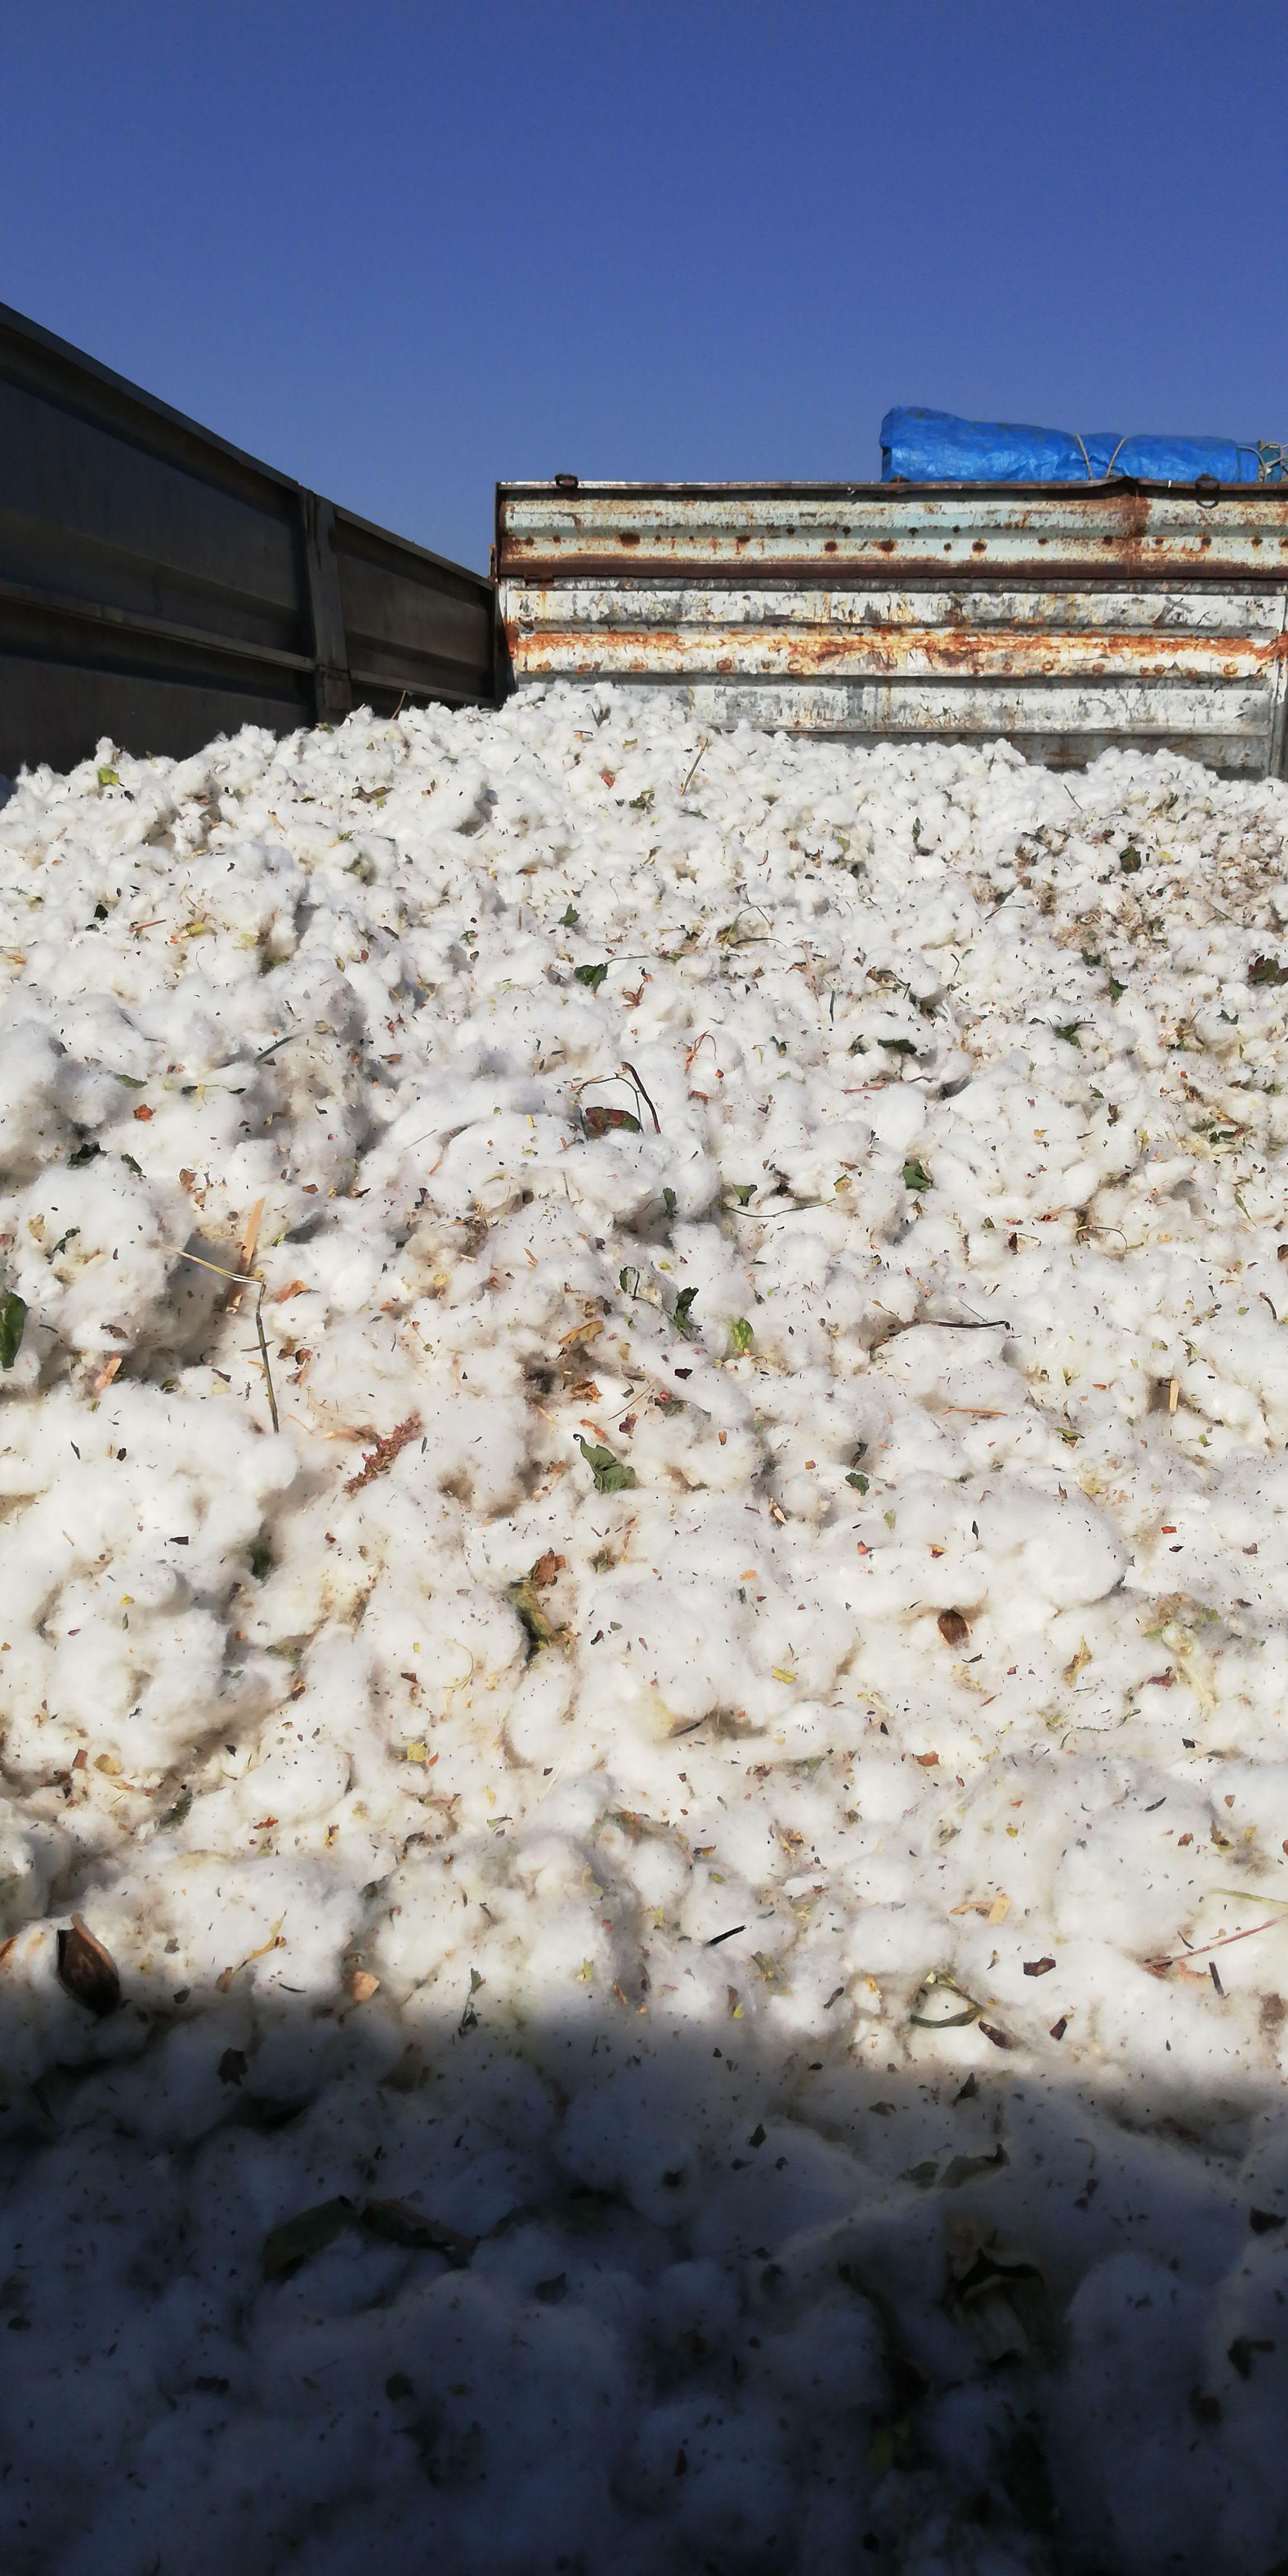 Pamuk - Üretici Mesut Ekinci 7 tl fiyat ile 7.000 kilogram lima çeşidi pamuk satmak istiyor